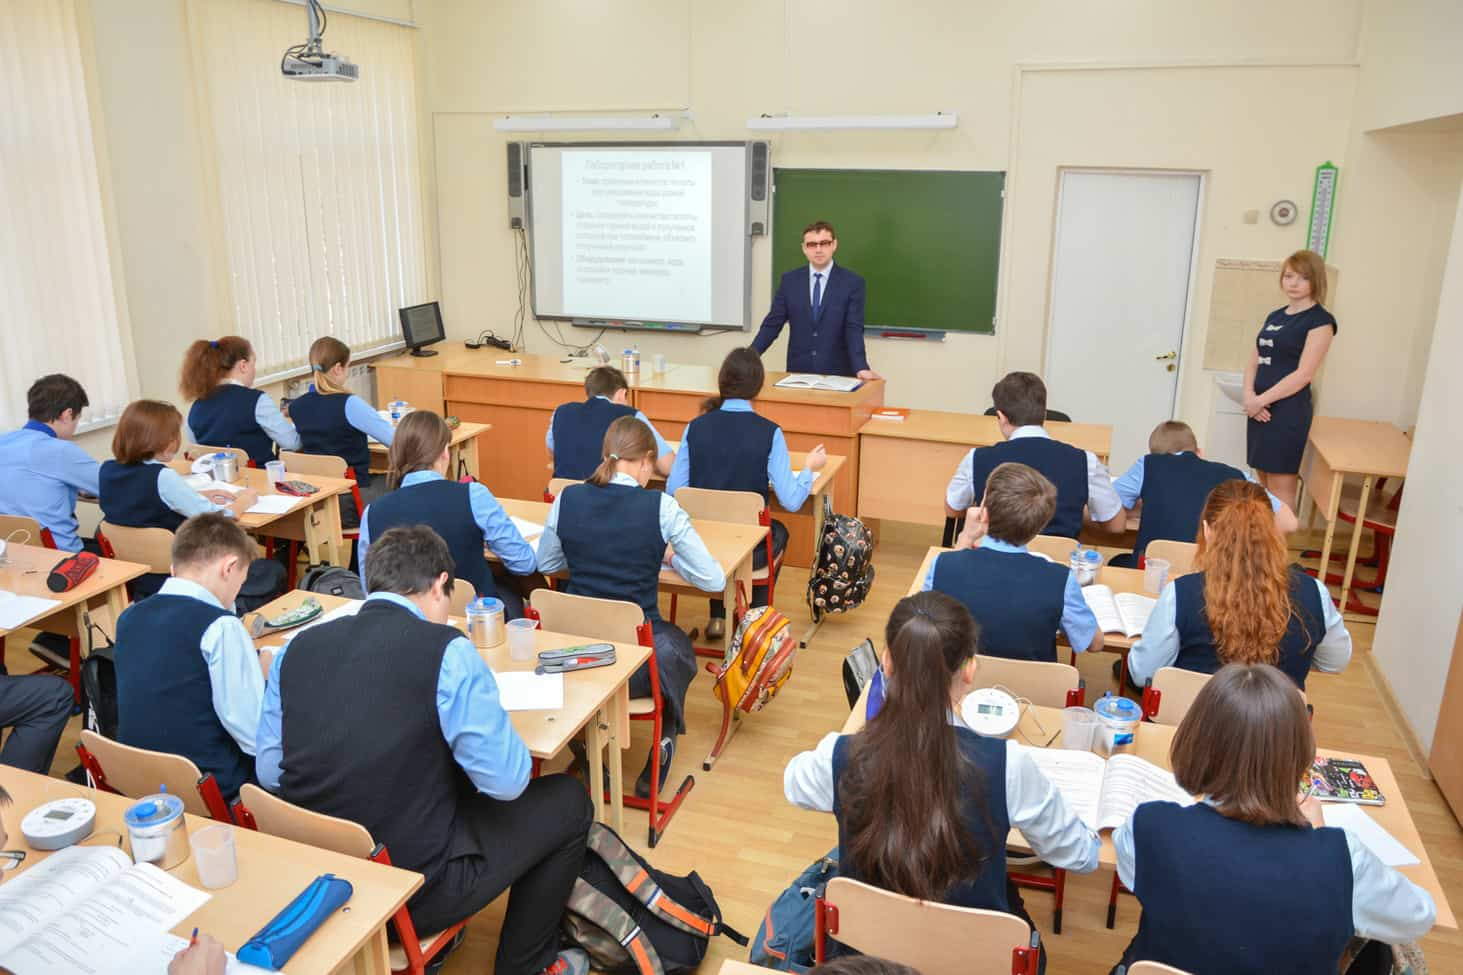 diskussiya-vozmozhno-li-razvitie-bez-kontrolya-v-obrazovanii